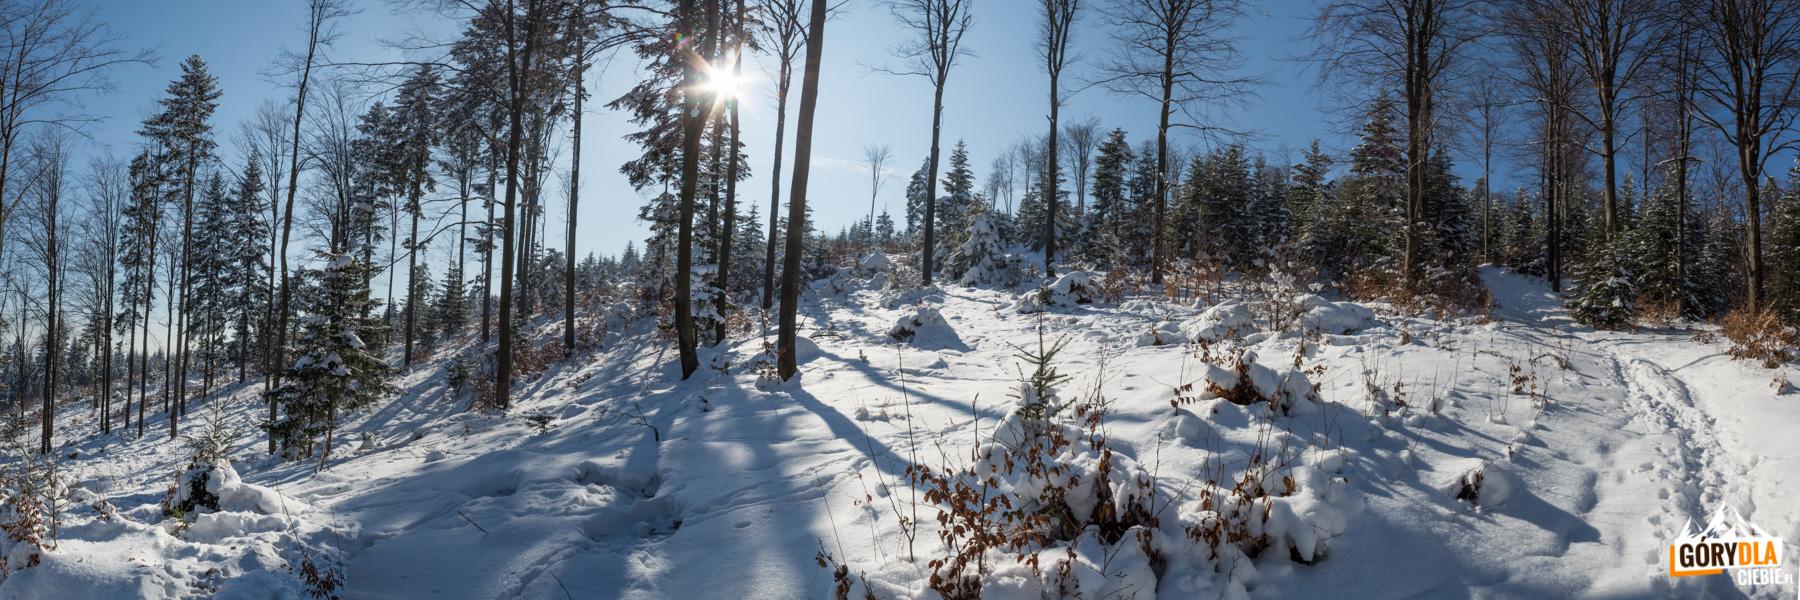 Zima naLubogoszczy